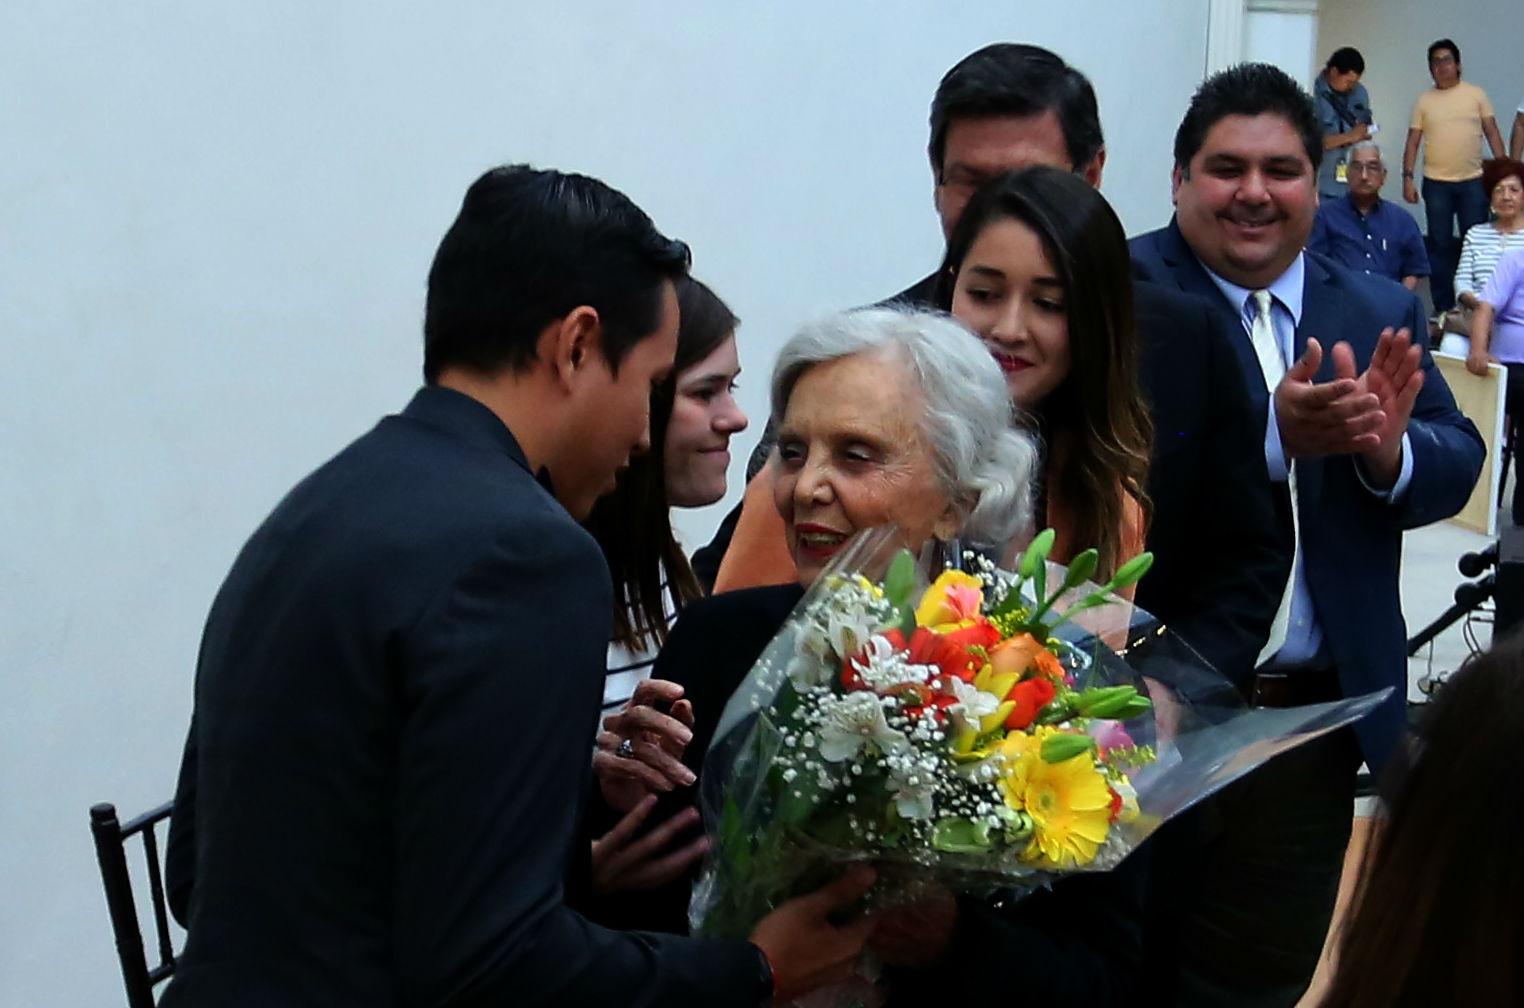 Con motivo de su reciente cumpleaños, estudiantes le regalaron un arreglo floral